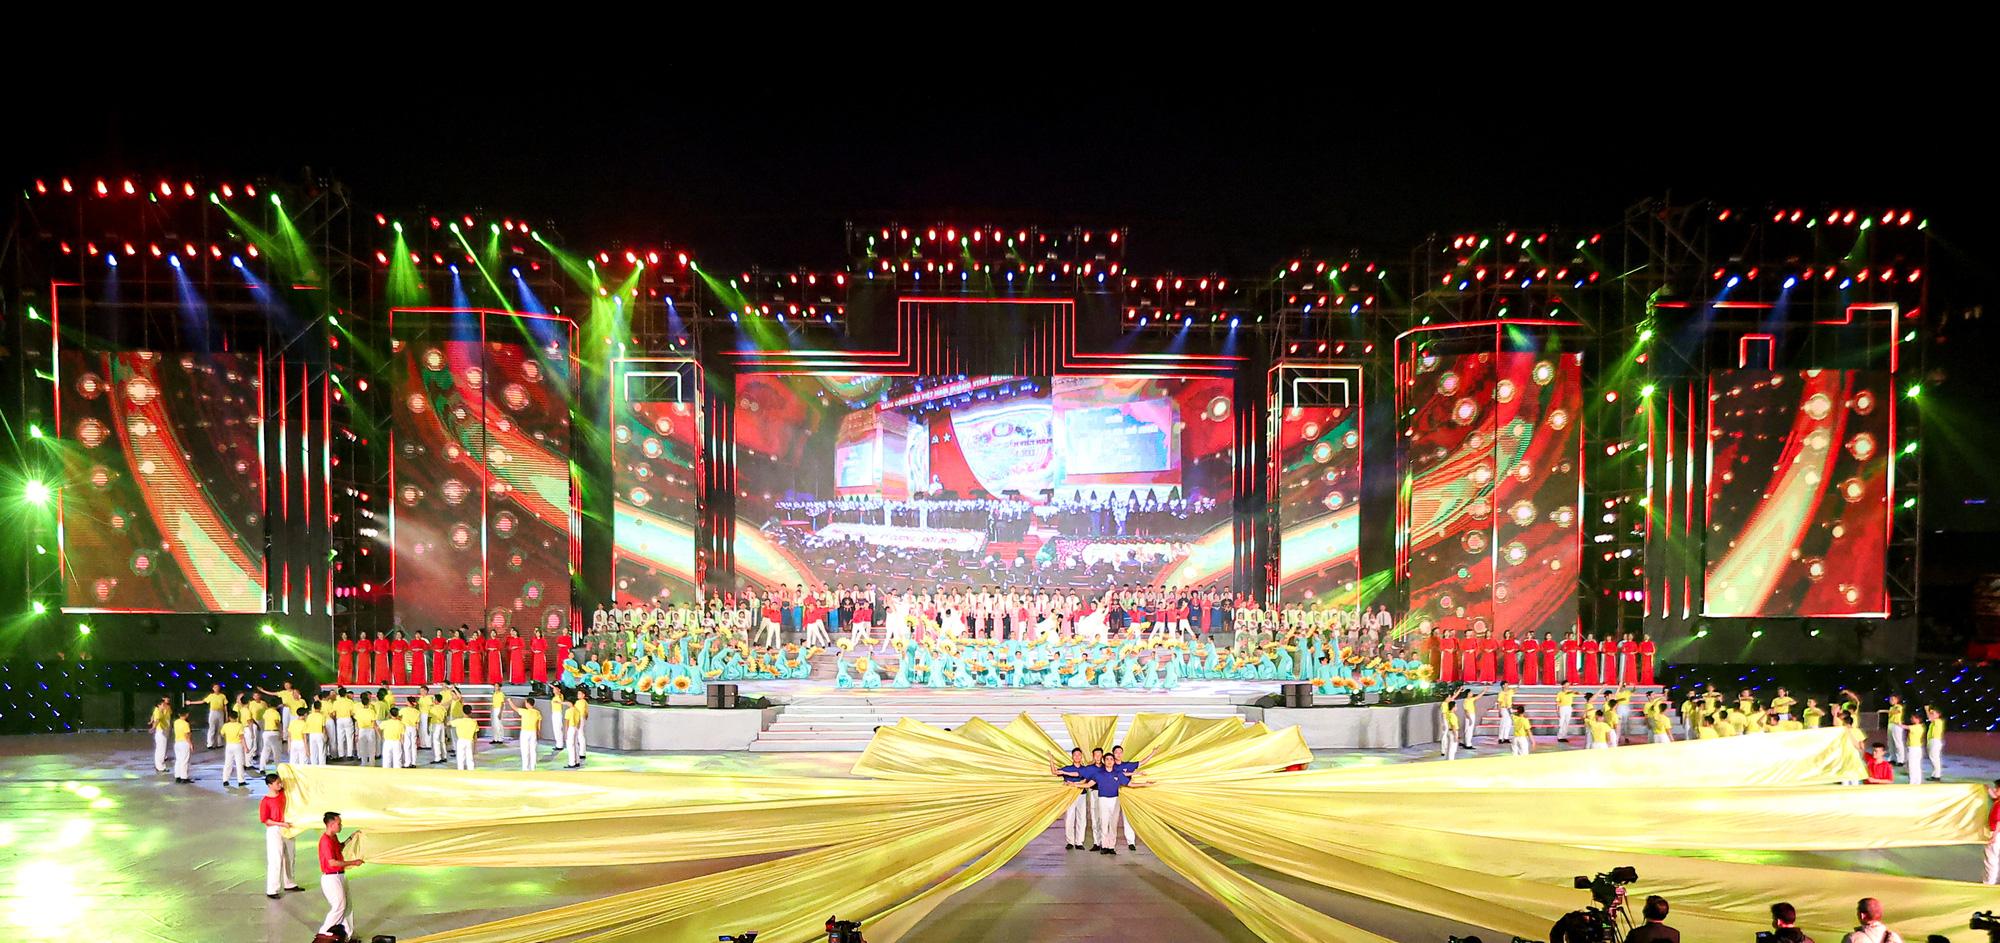 chương trình nghệ thuật đặc biệt chào mừng thành công Đại hội XIII của Đảng - Ảnh 6.